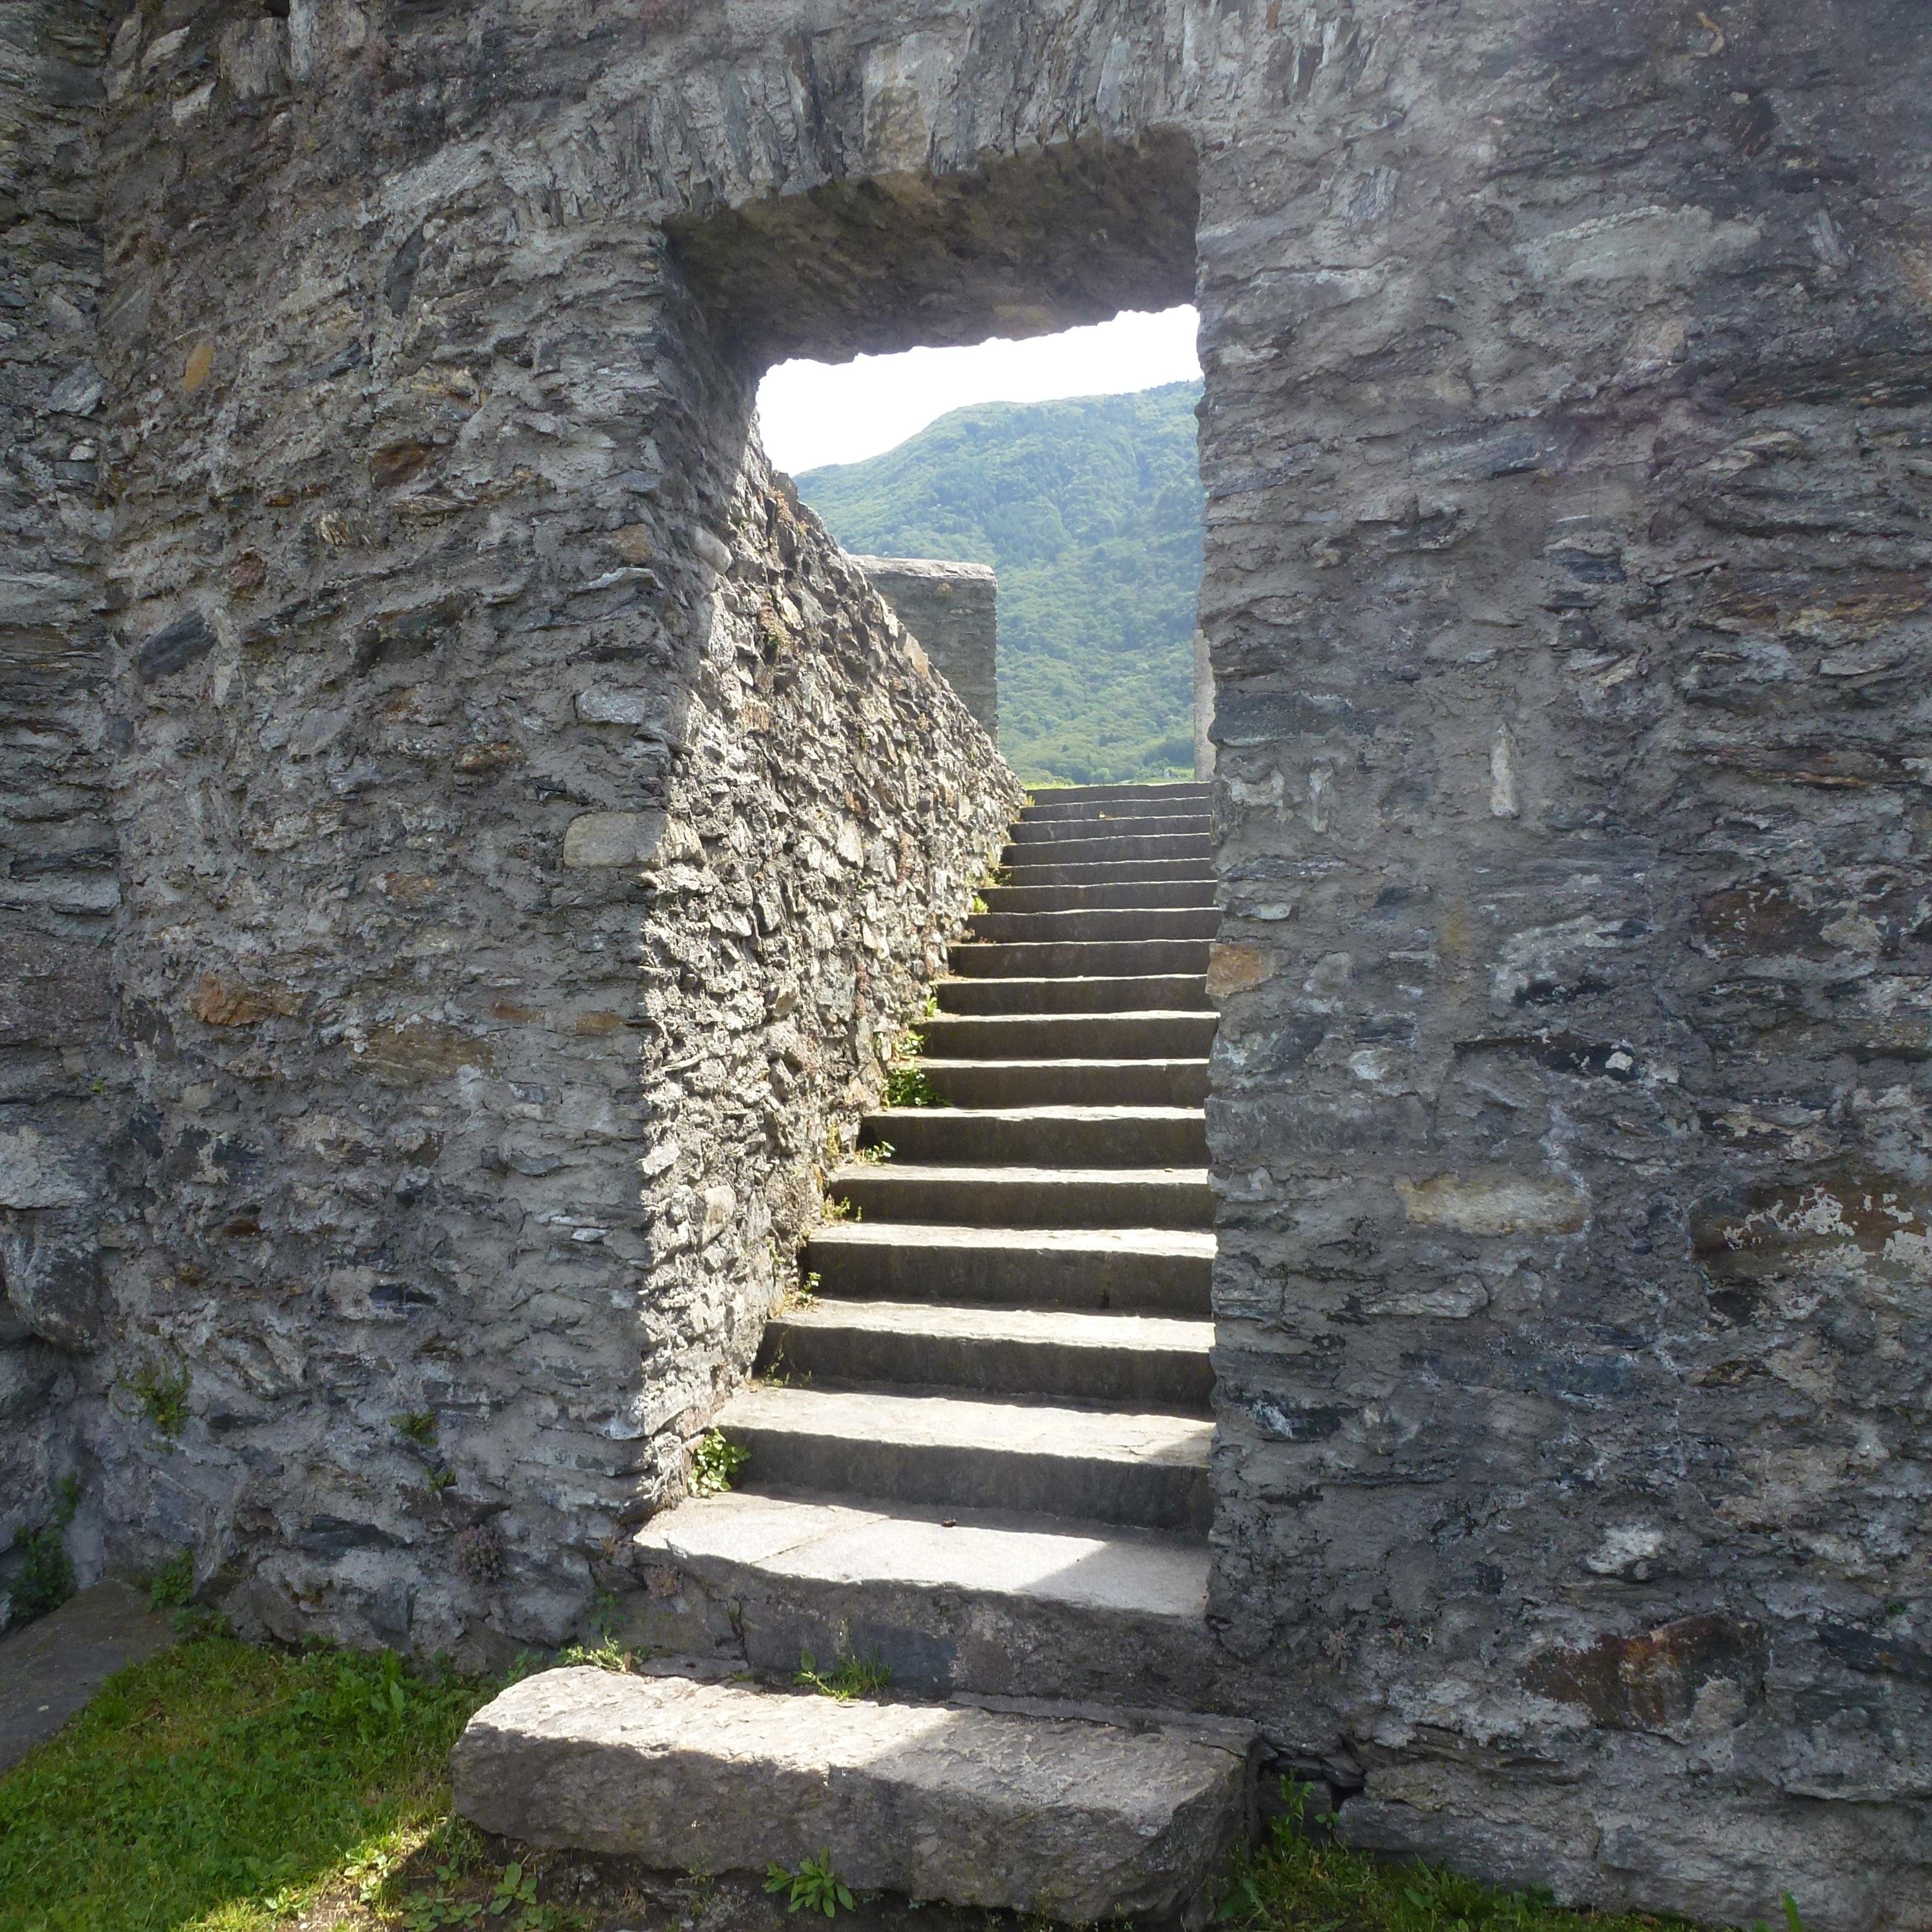 Images Gratuites : Roche, architecture, bâtiment, mur, escalier ...